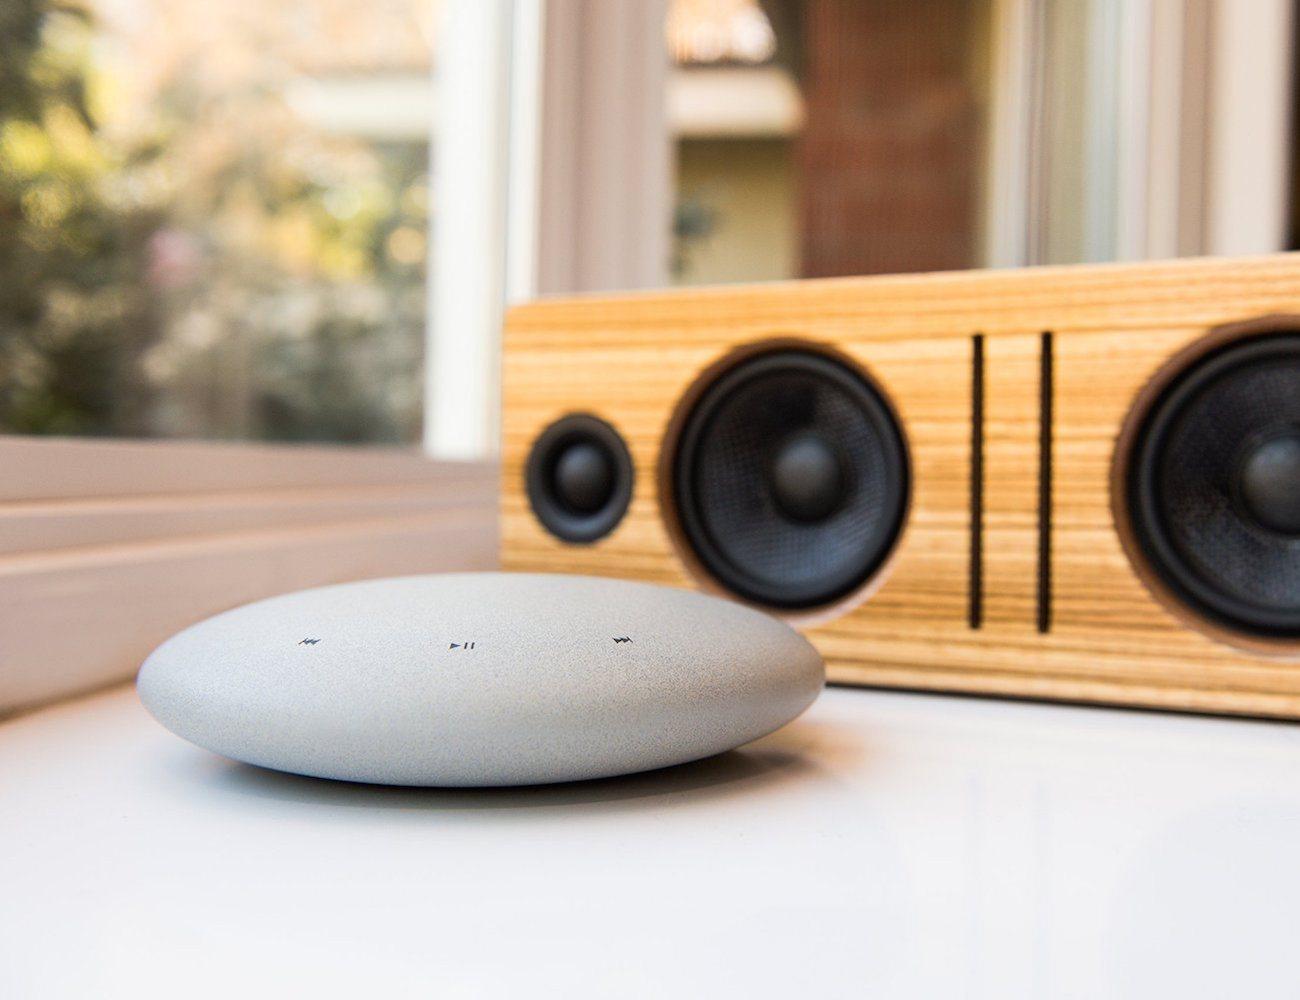 Cobblestone – Wi-Fi Audio Receiver by Muzo